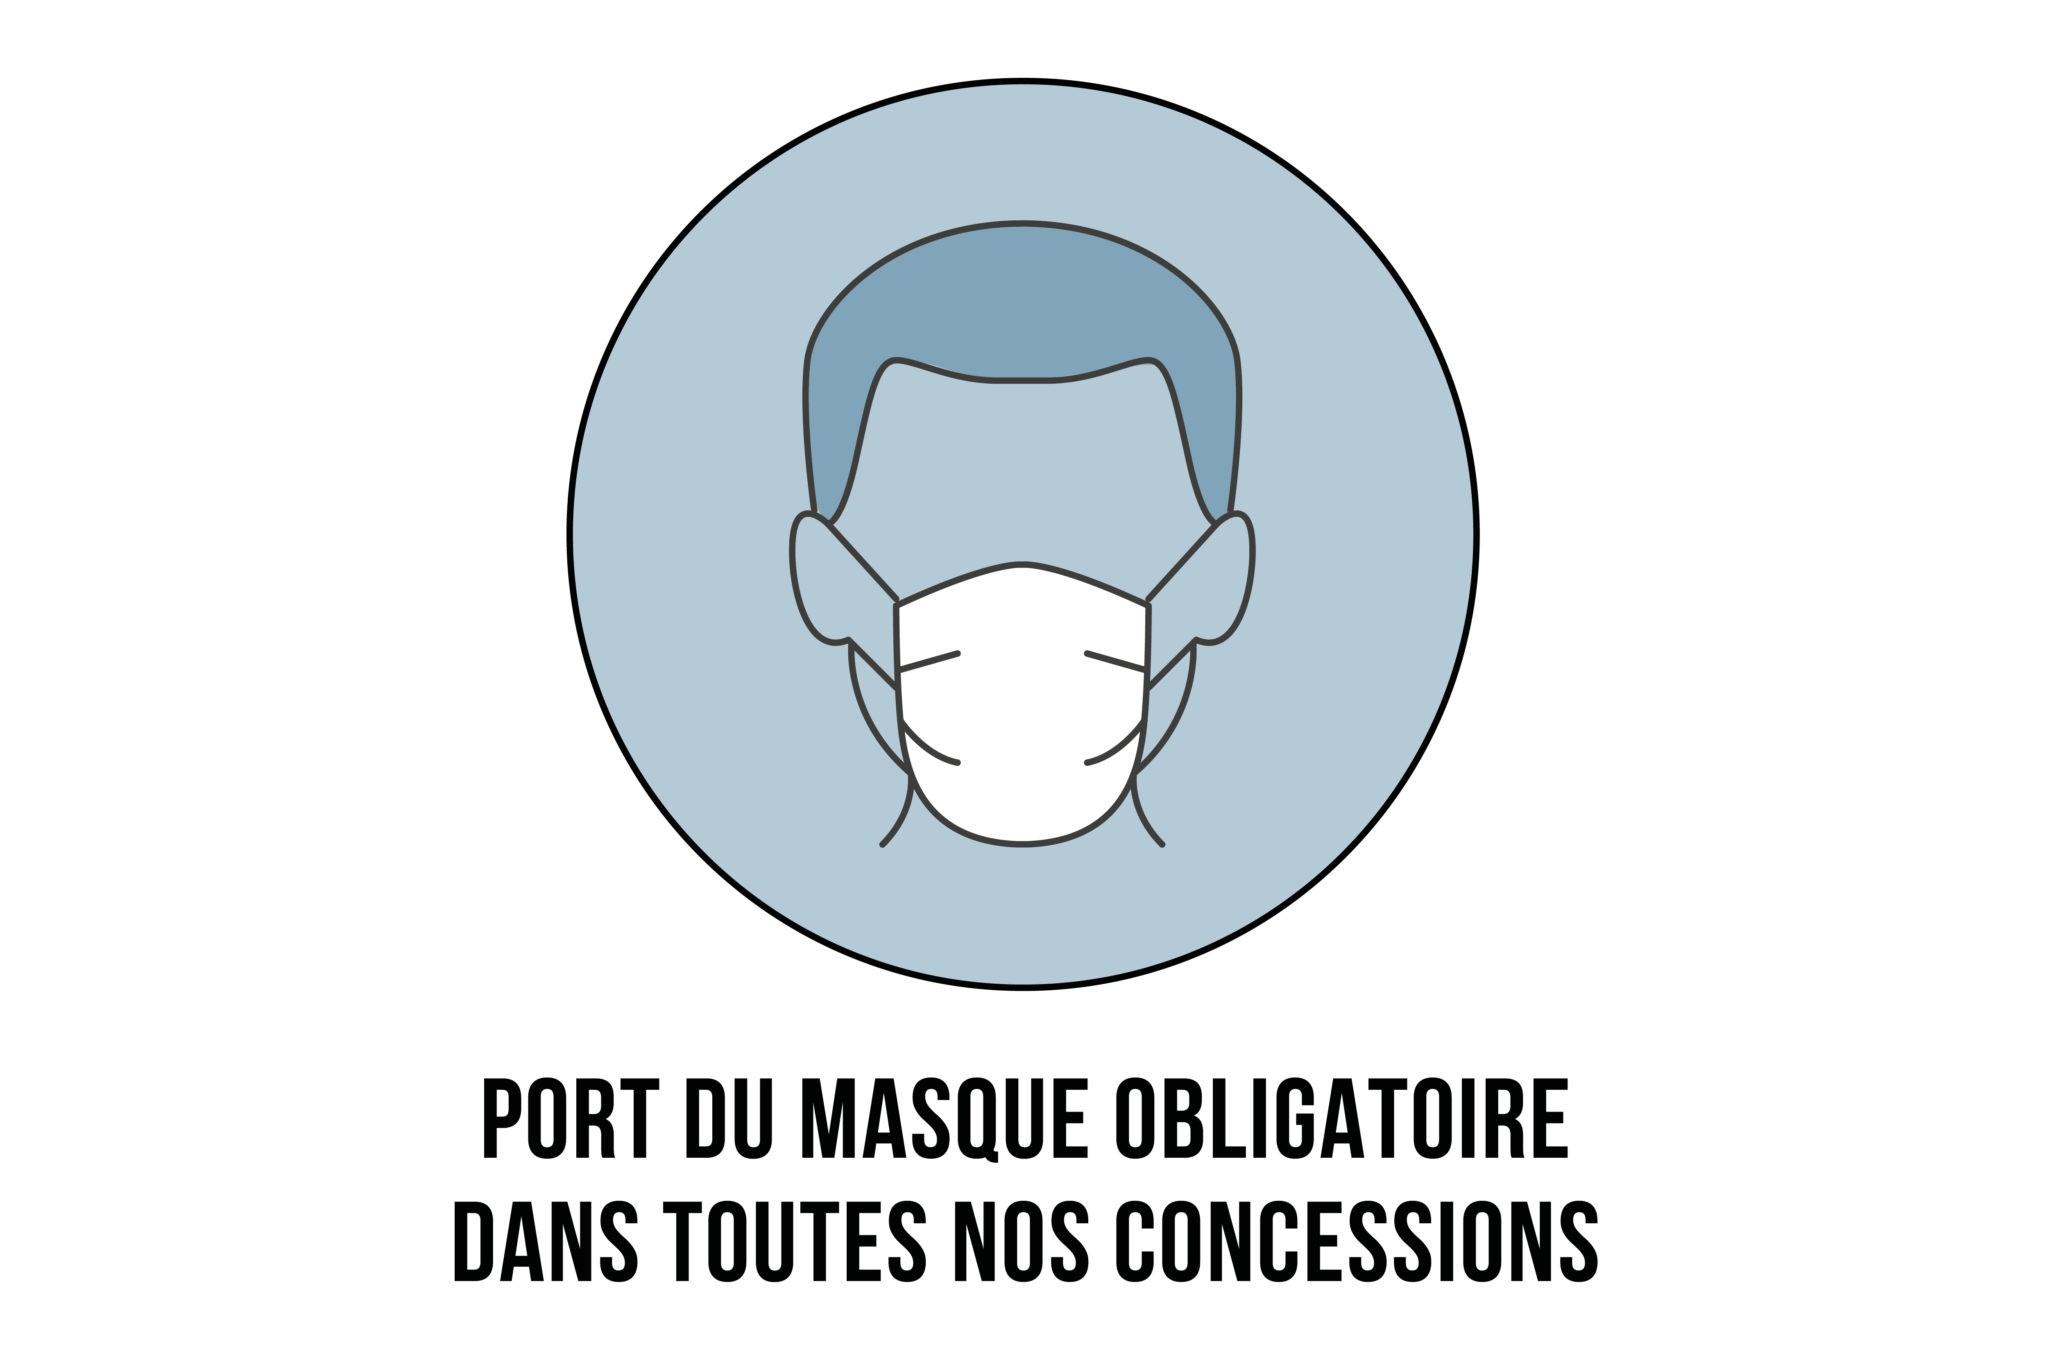 port masque